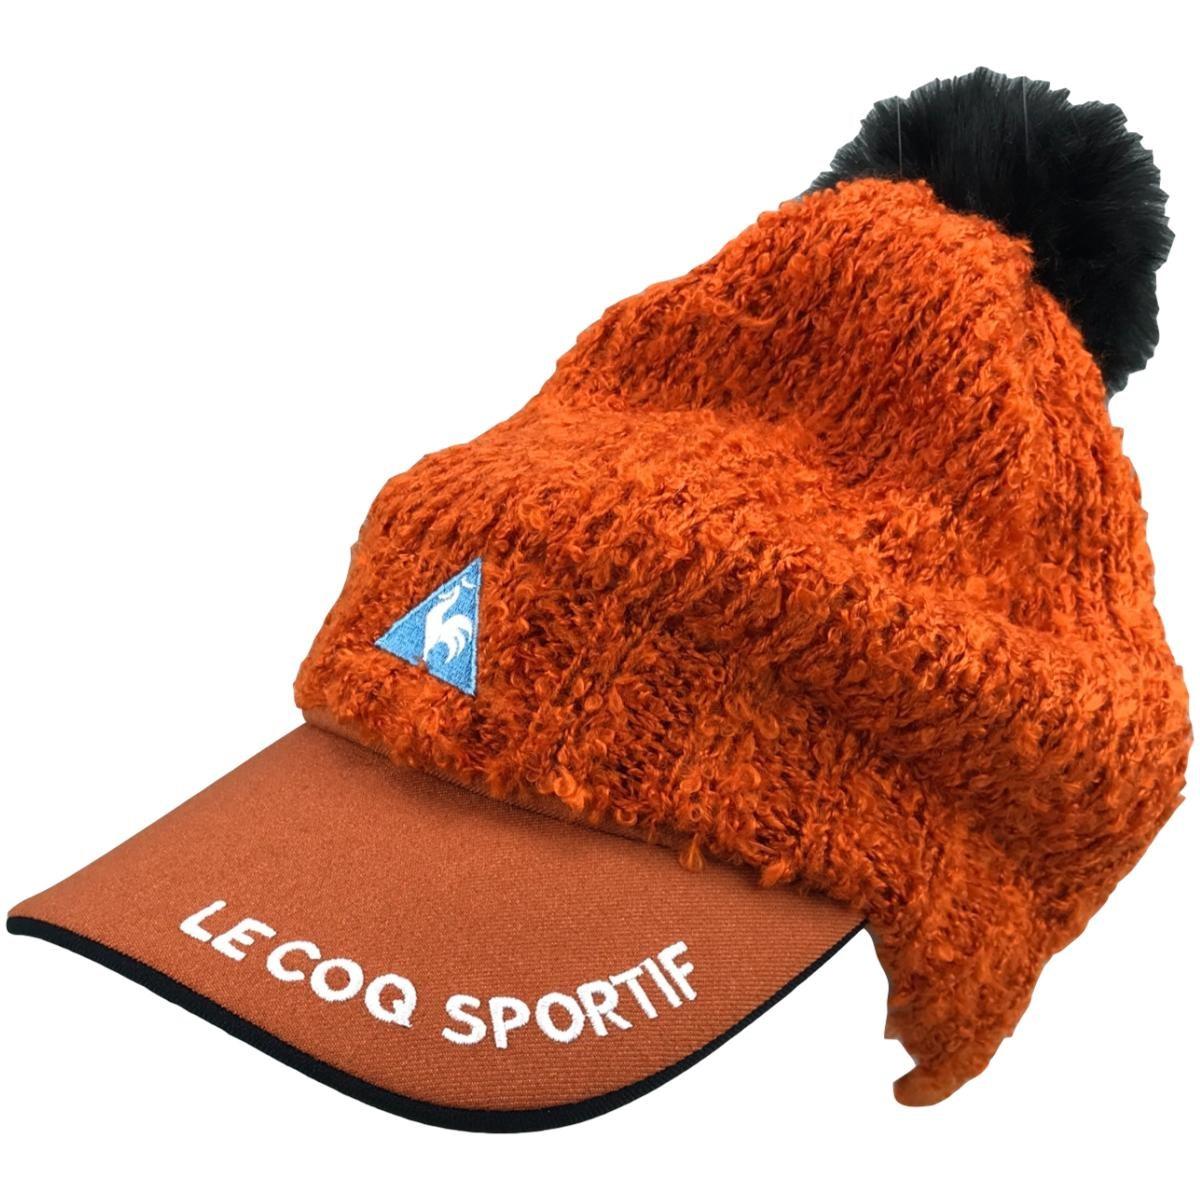 ルコックゴルフ Le coq sportif GOLF 3WAY サンバイザー付きニットキャップ フリー オレンジ 00 レディス